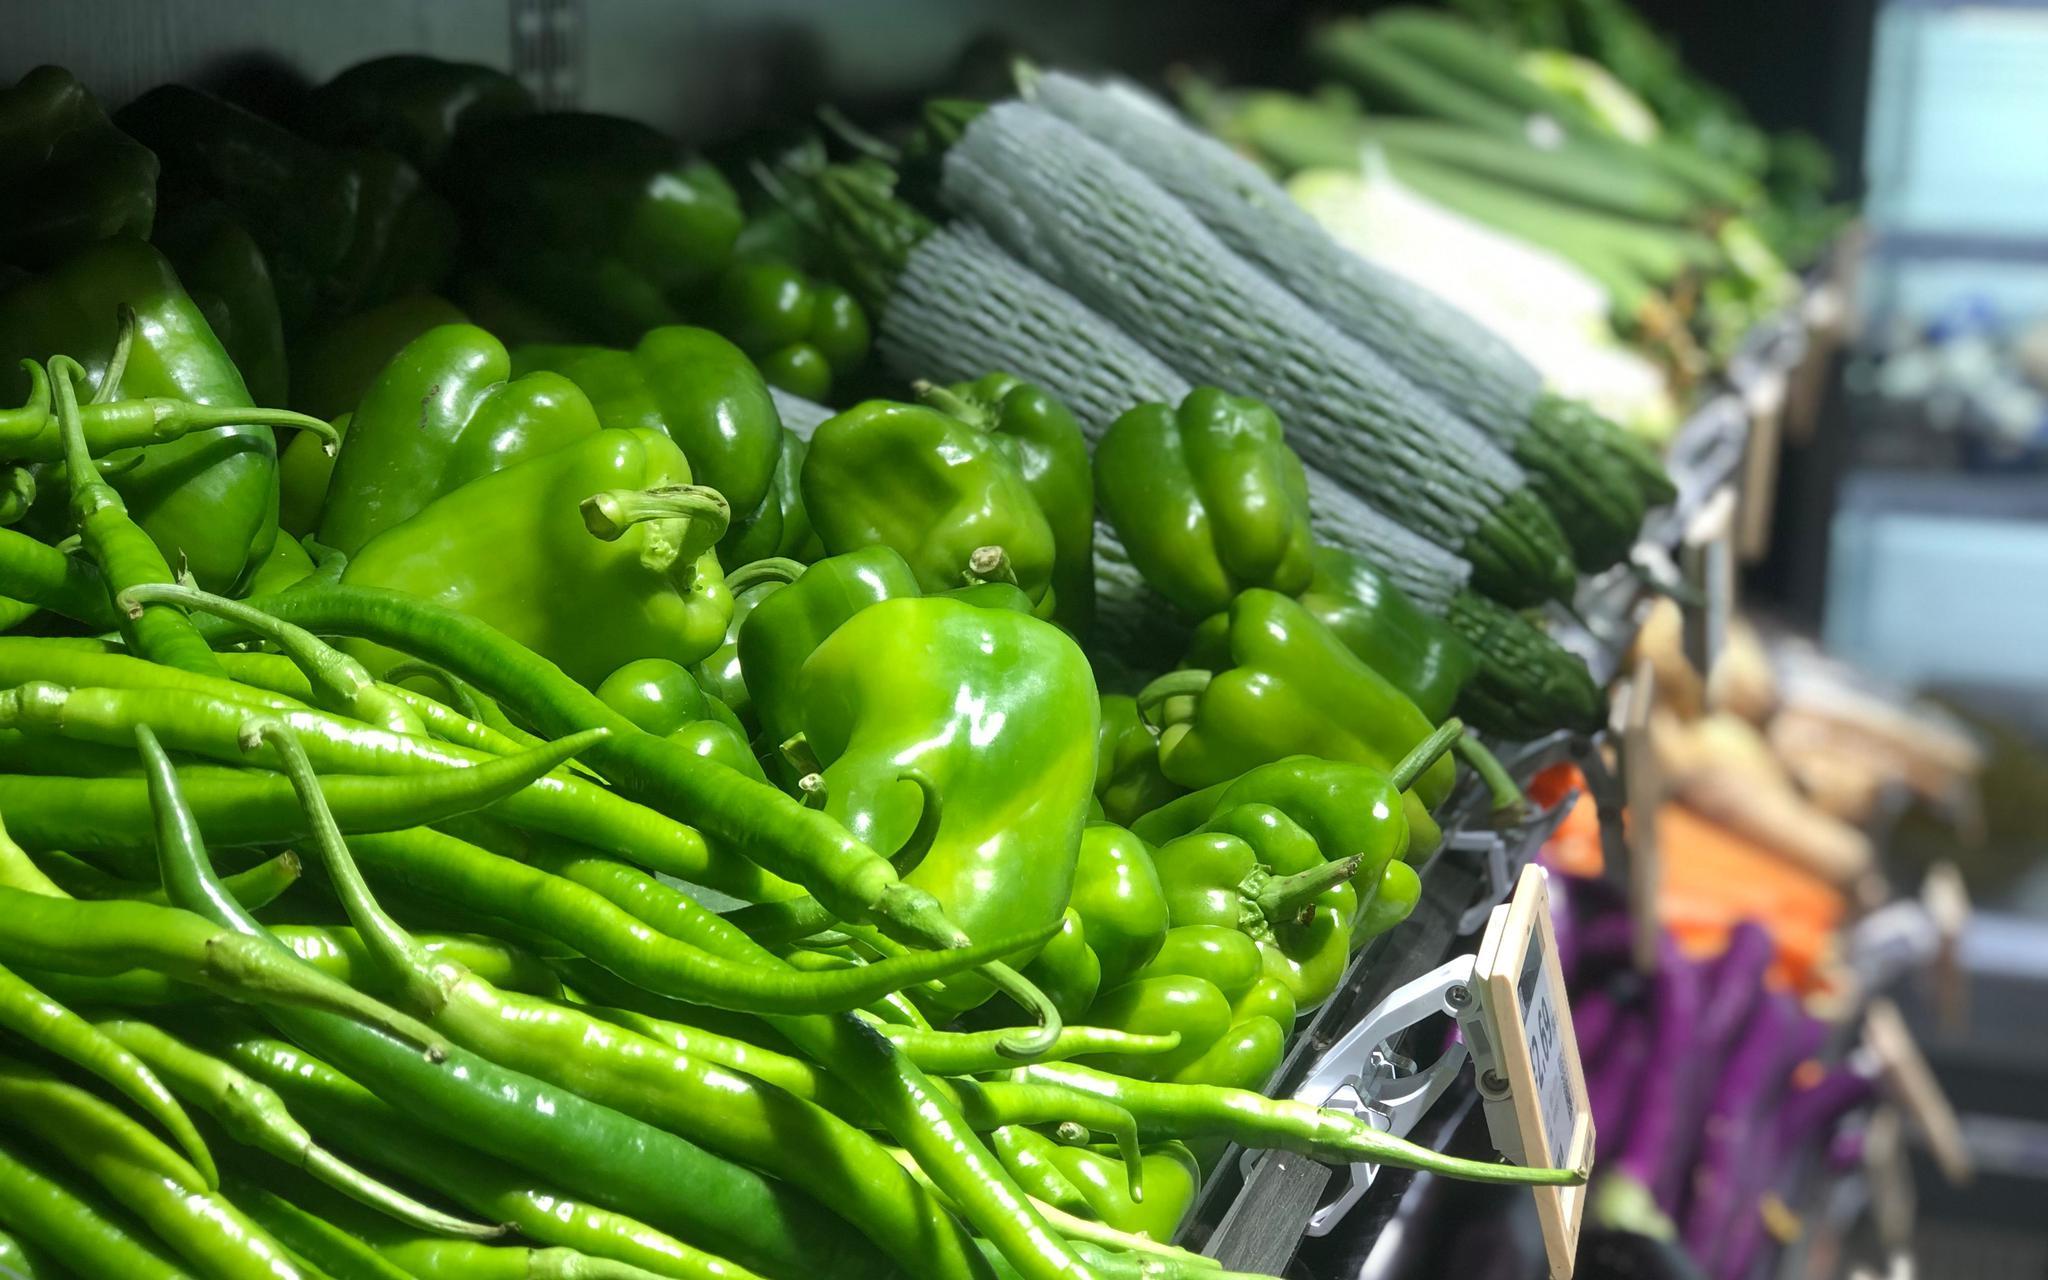 市场功能不止于买菜 专家:好的农贸市场会让人收获幸福感